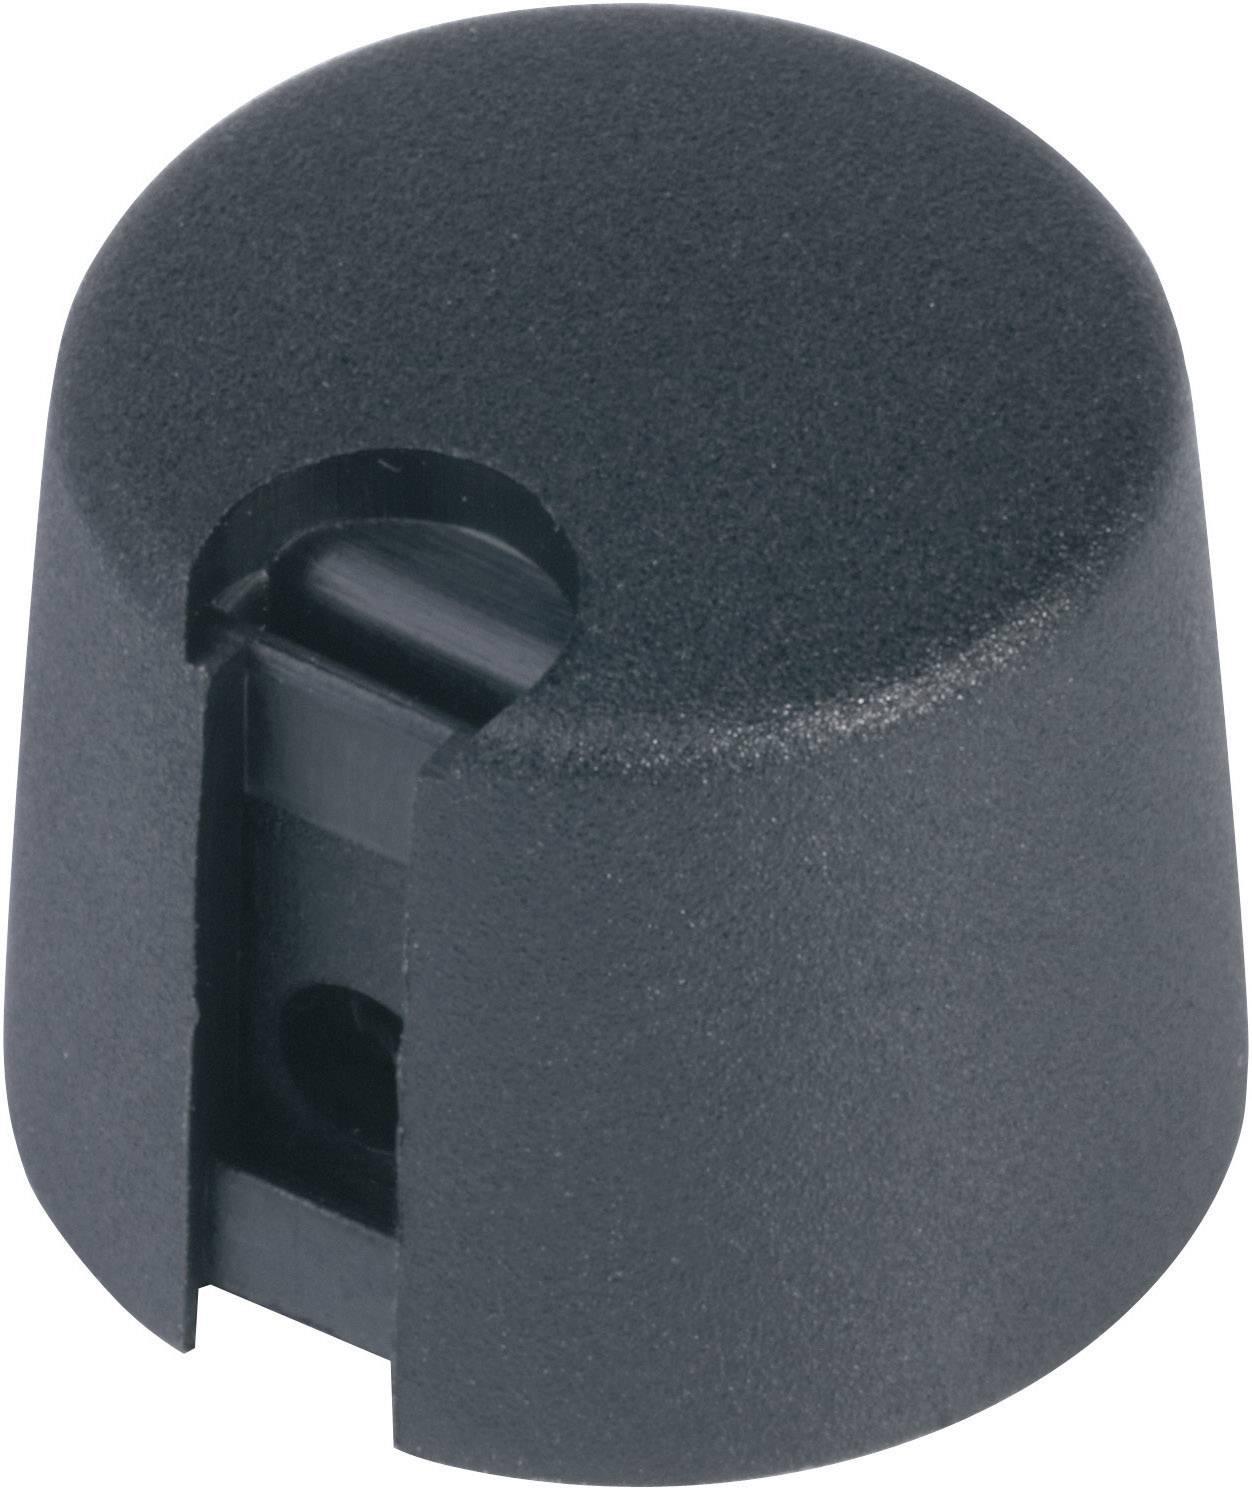 Ovládací knoflík OKW, Ø 40 mm x V 16 mm, 6 mm, černá